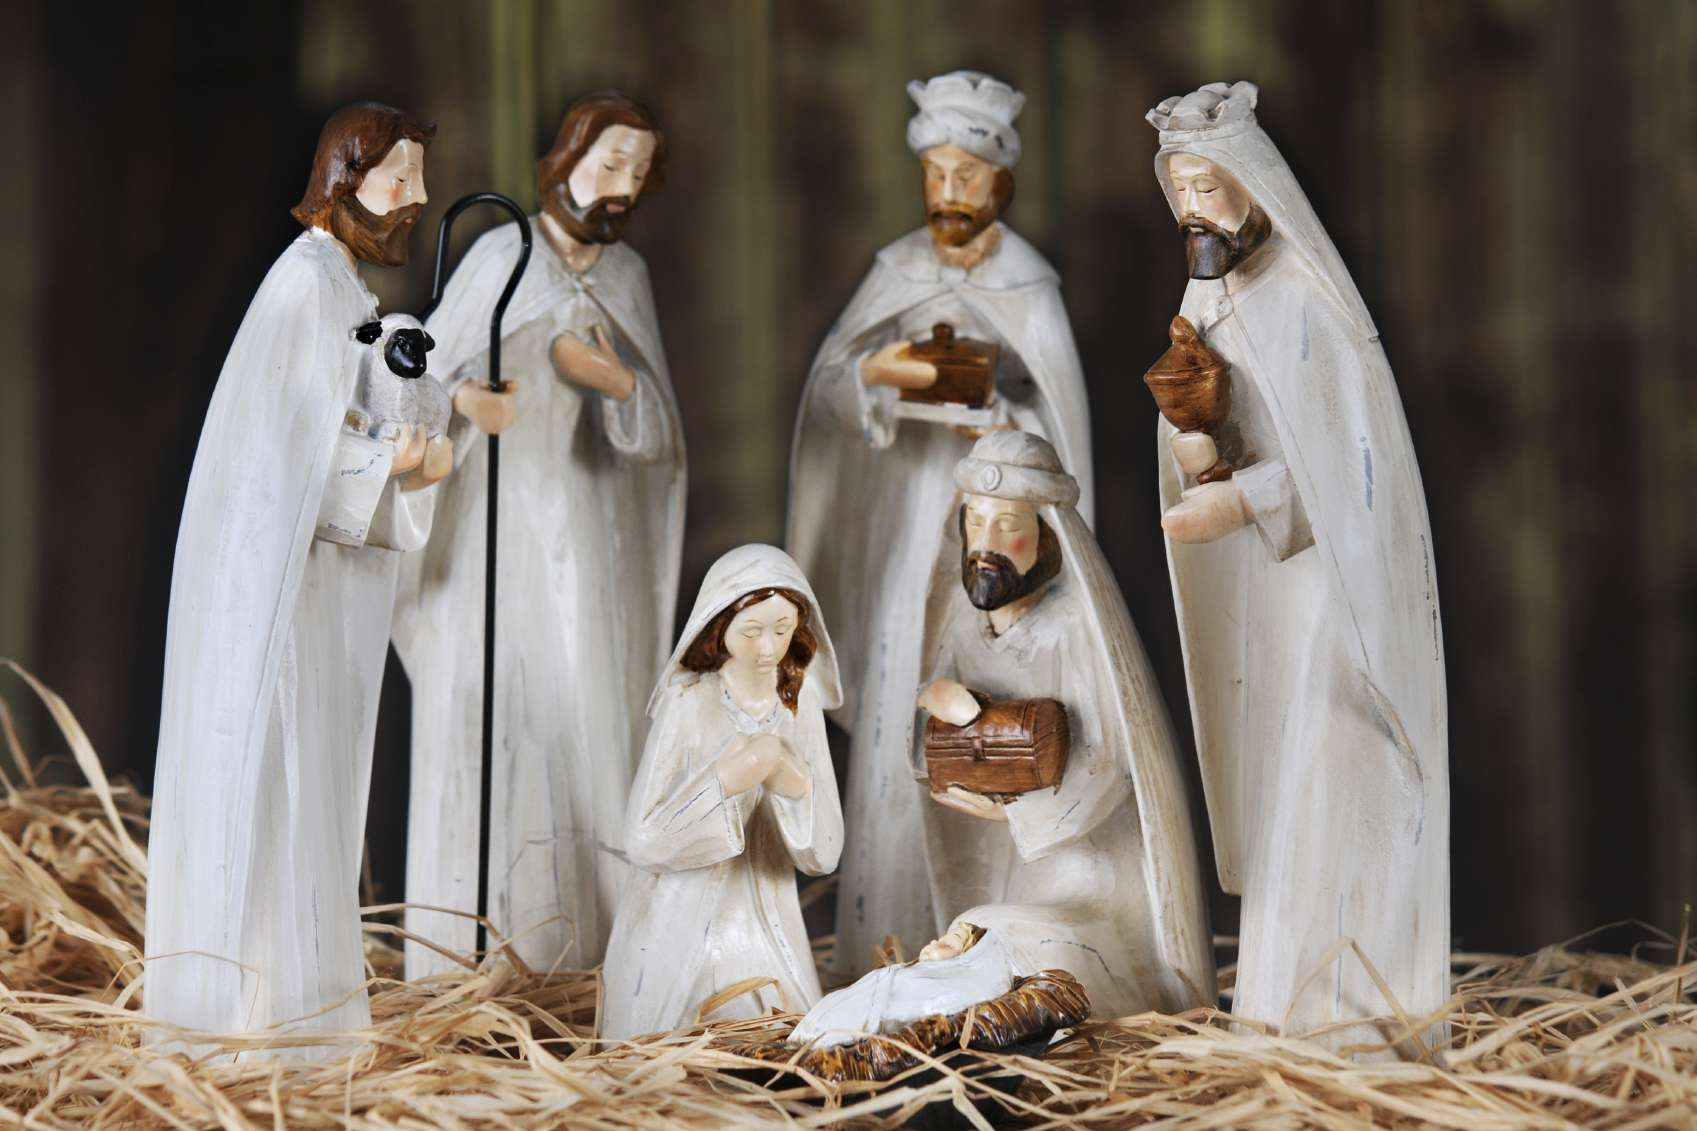 En tiempos de Jesús, el calendario más común era el Romano; éste contaba los años a partir de la fundación de Roma (Ad Urbe Condita o A.D.C.). Foto: iStock